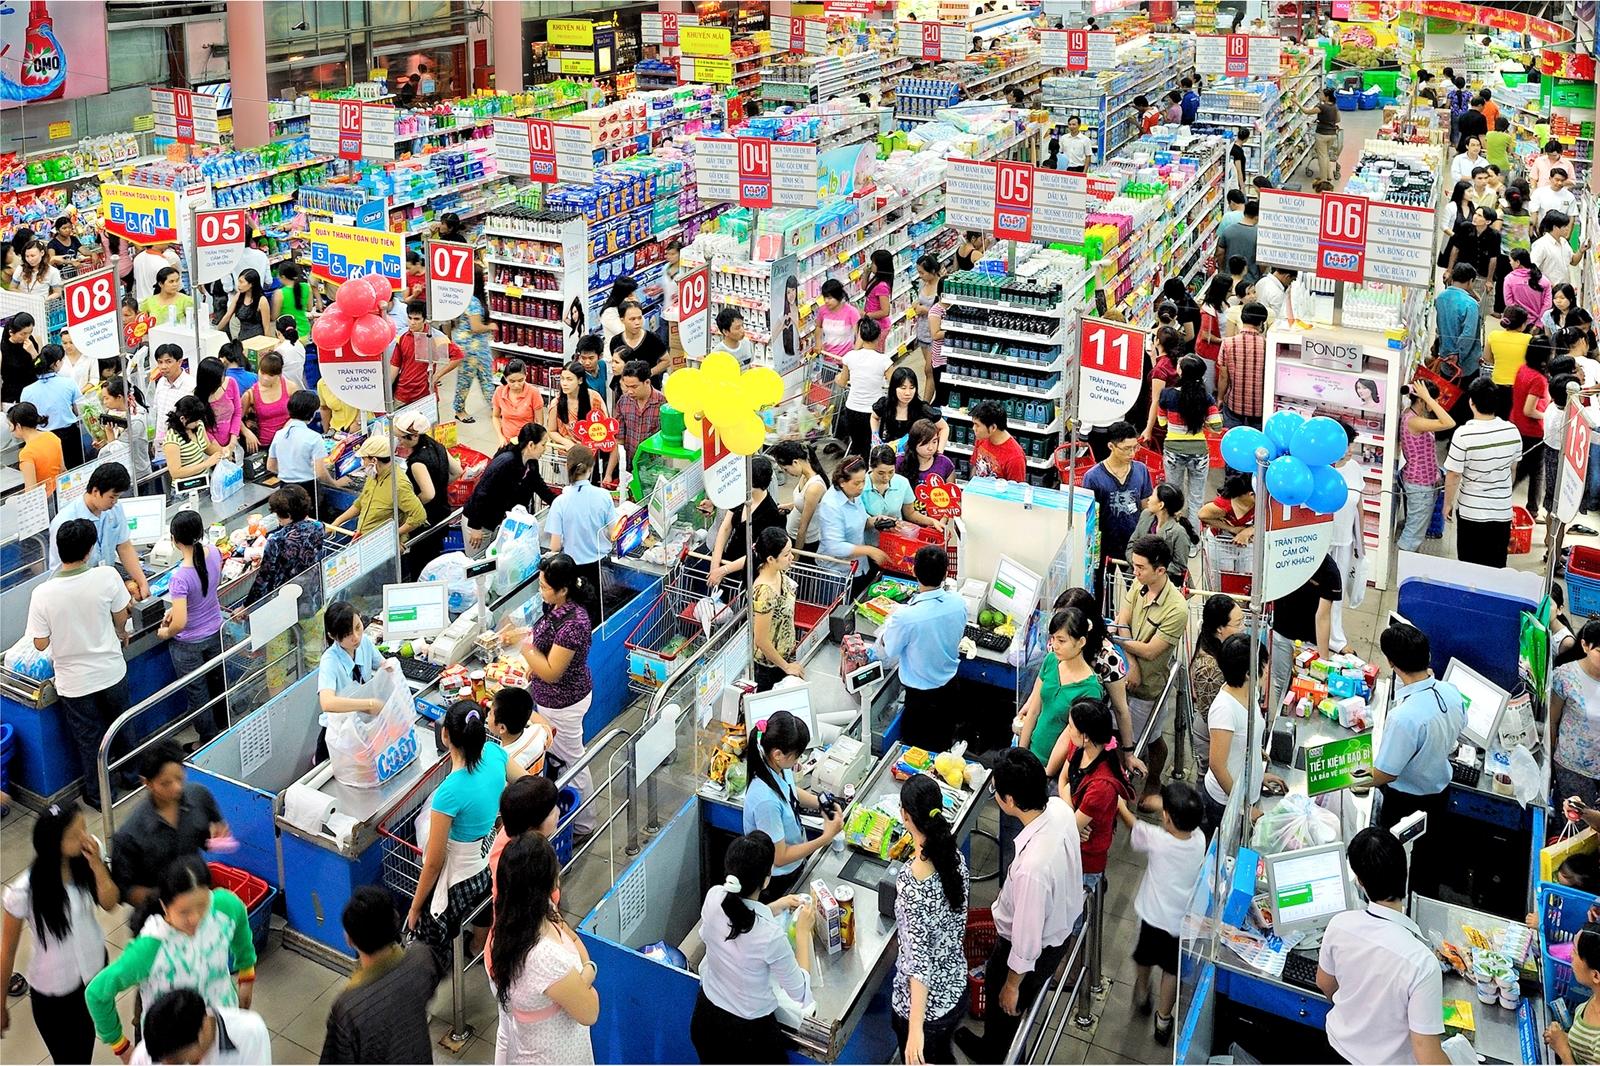 Bán lẻ Việt Nam - Một năm nhìn lại: Xu hướng mới trong kinh doanh và tiêu dùng